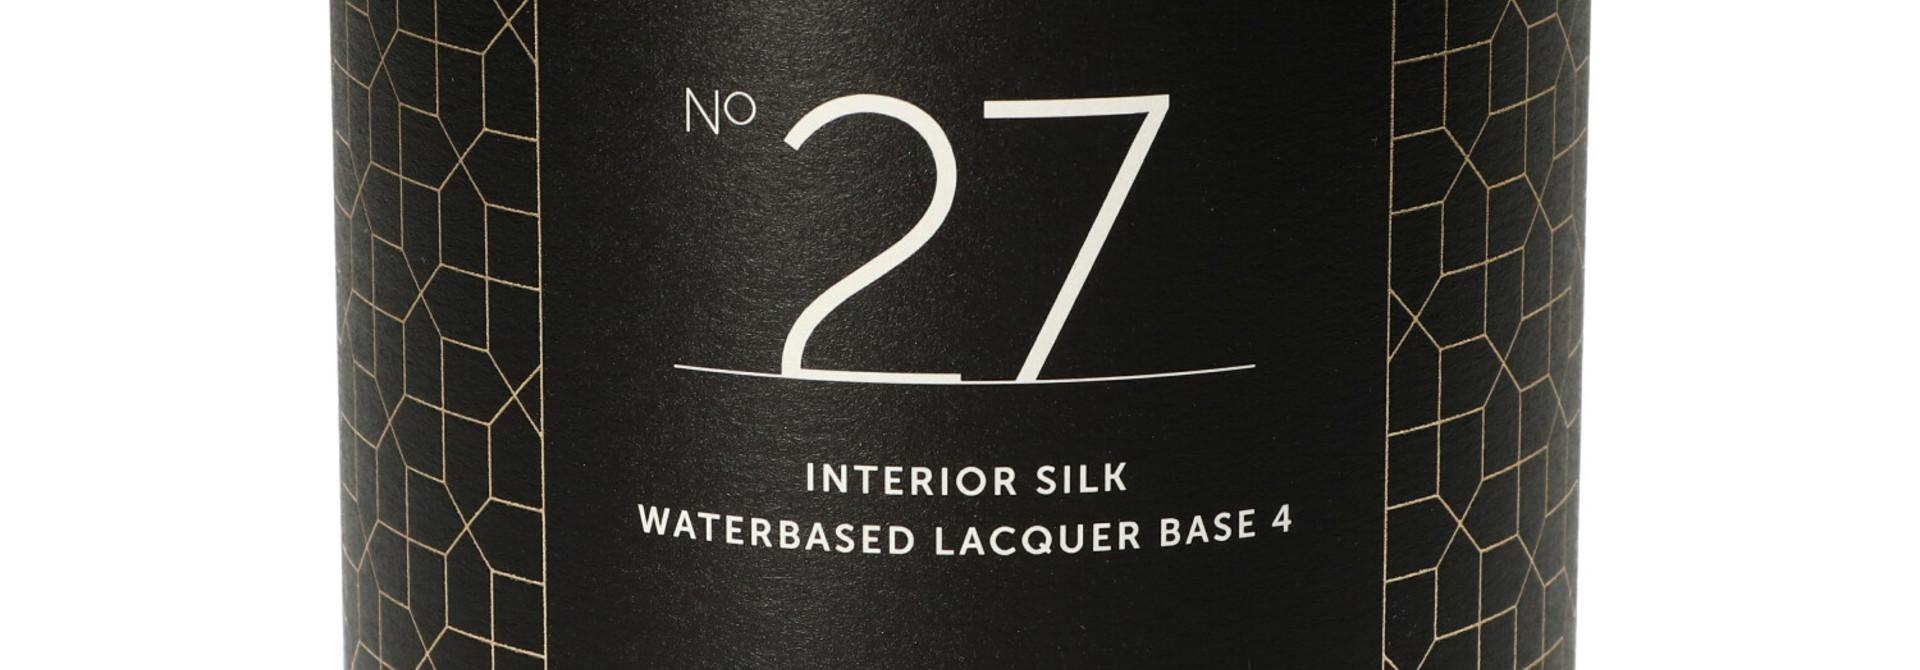 No. 27 INTERIOR SILK - 1L